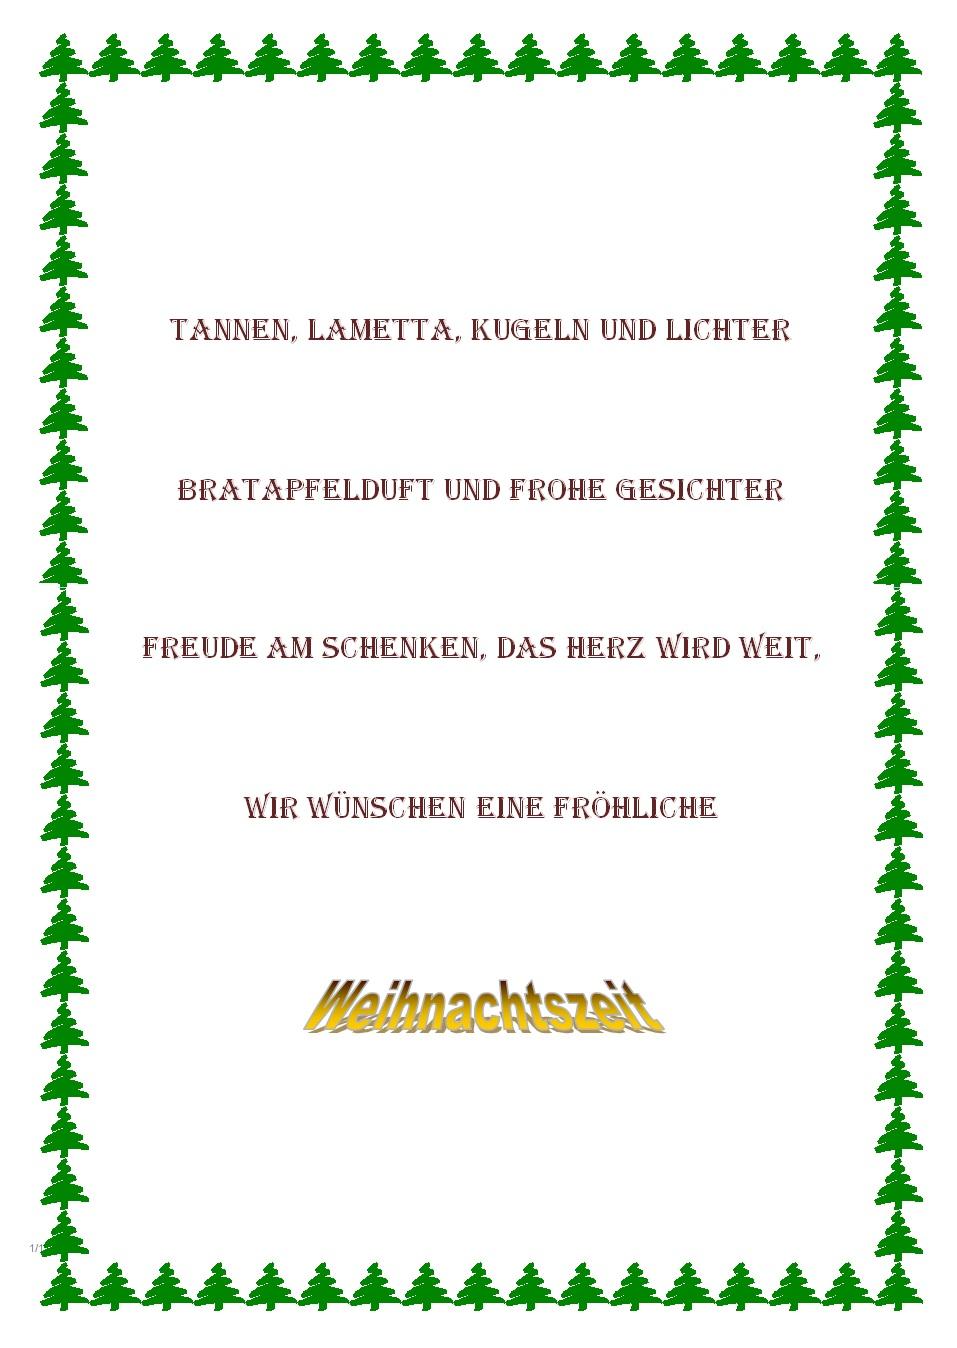 spruch-der-woche-22-12-2016-weihnachten